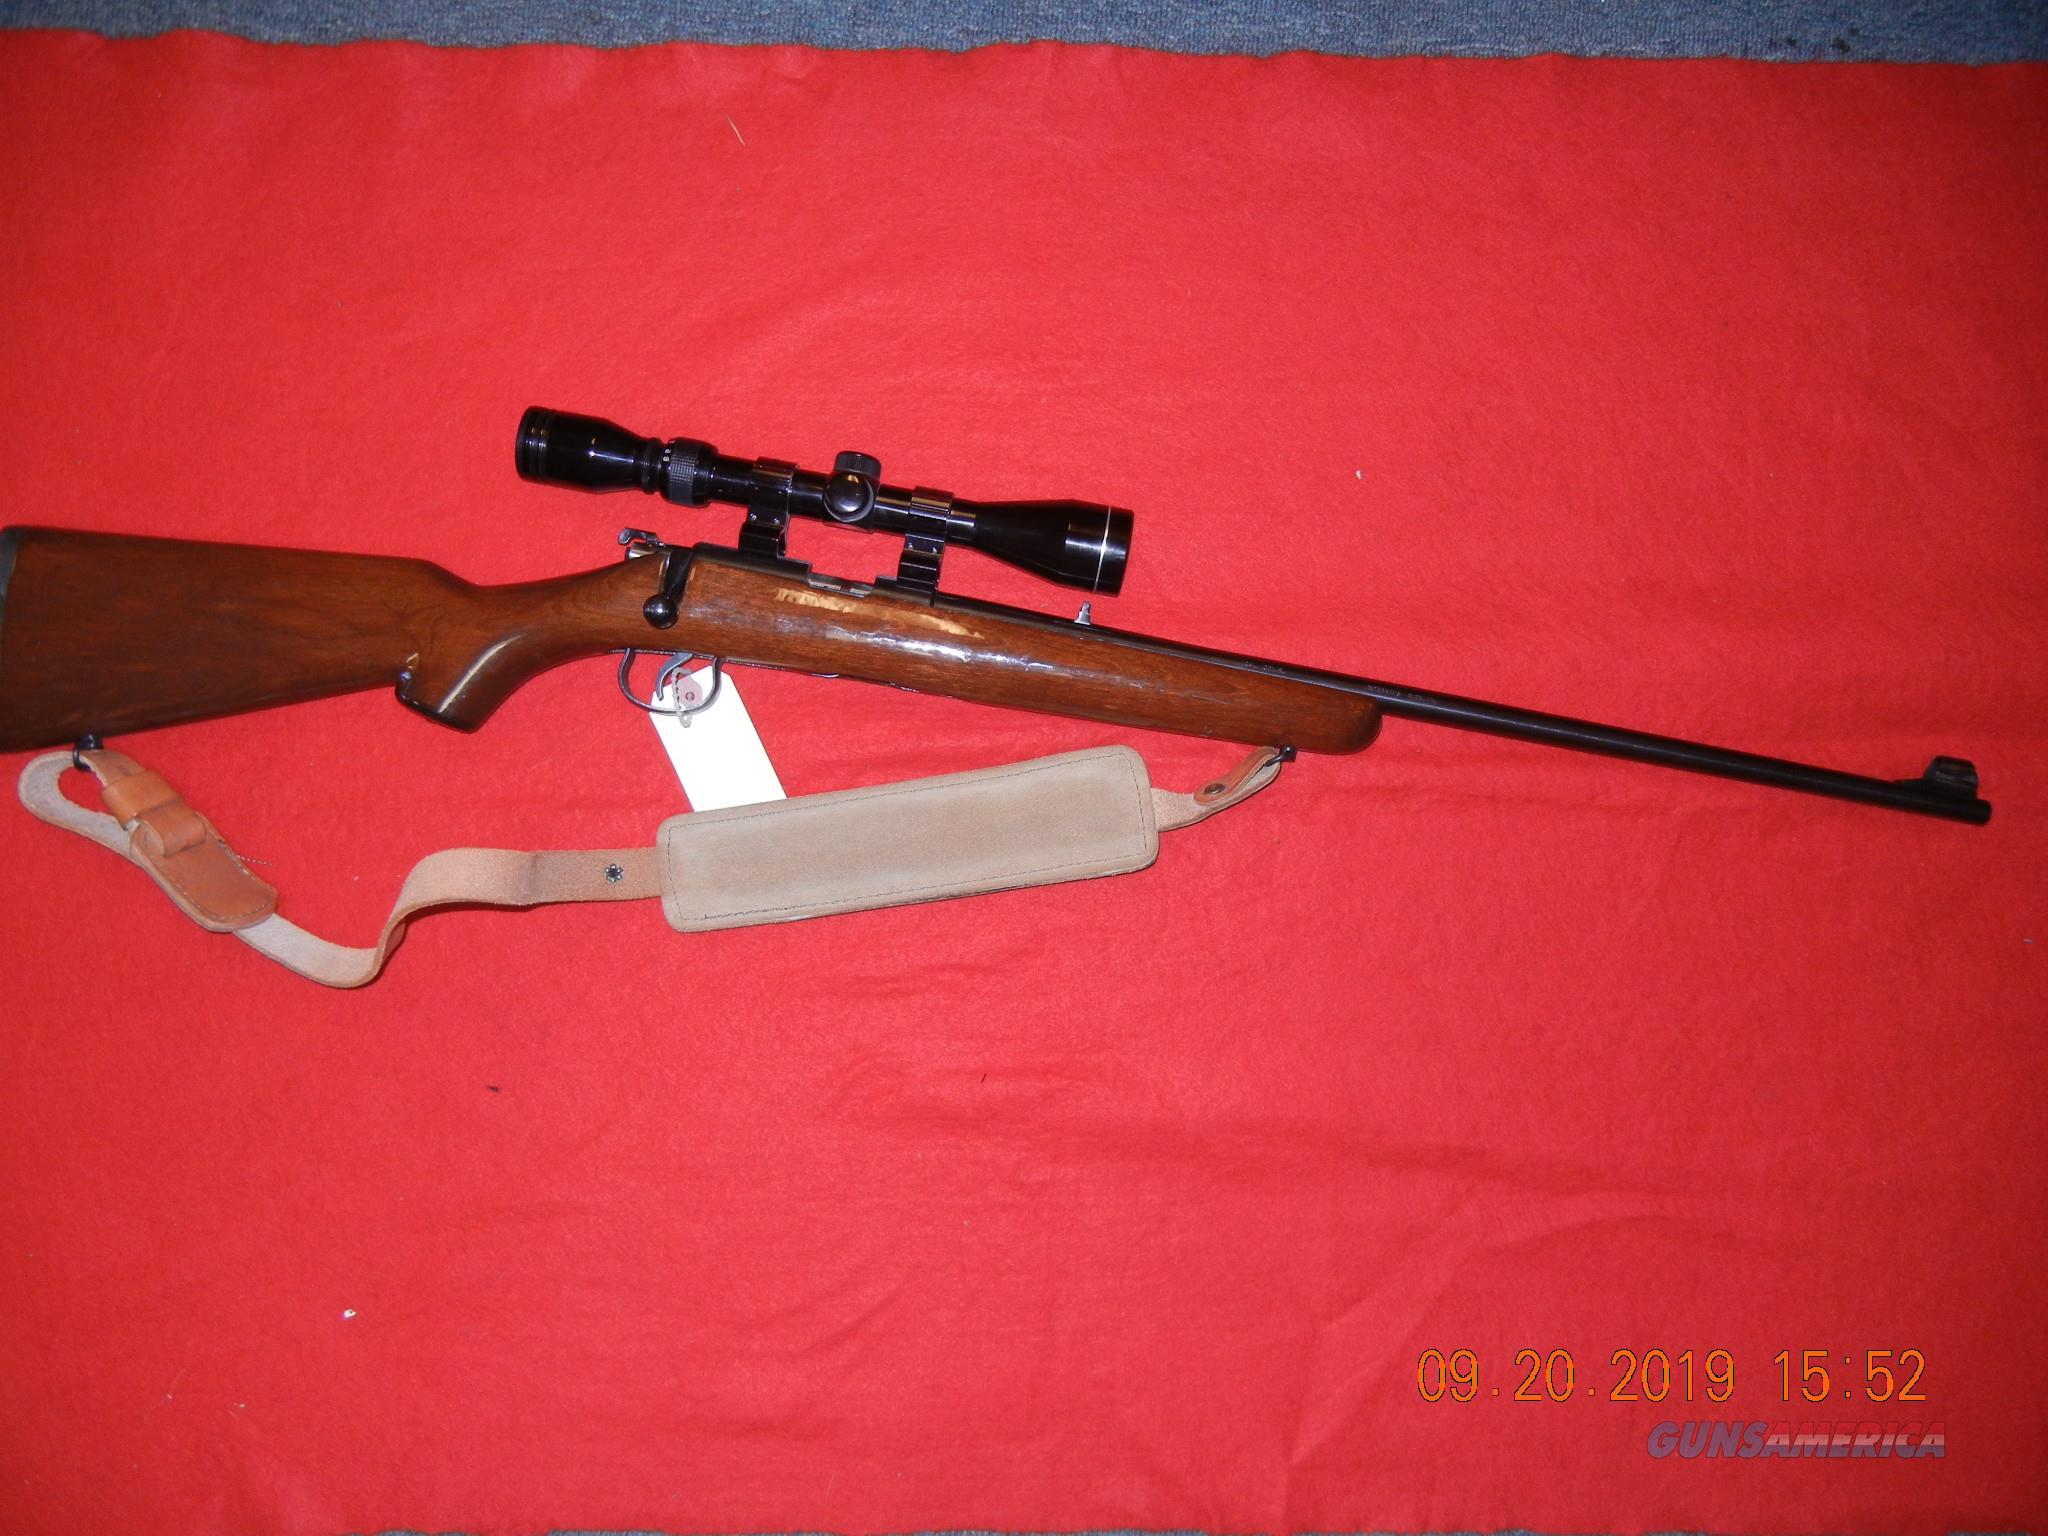 INTERARMS NORINCO JW-15   Guns > Rifles > Interarms Rifles